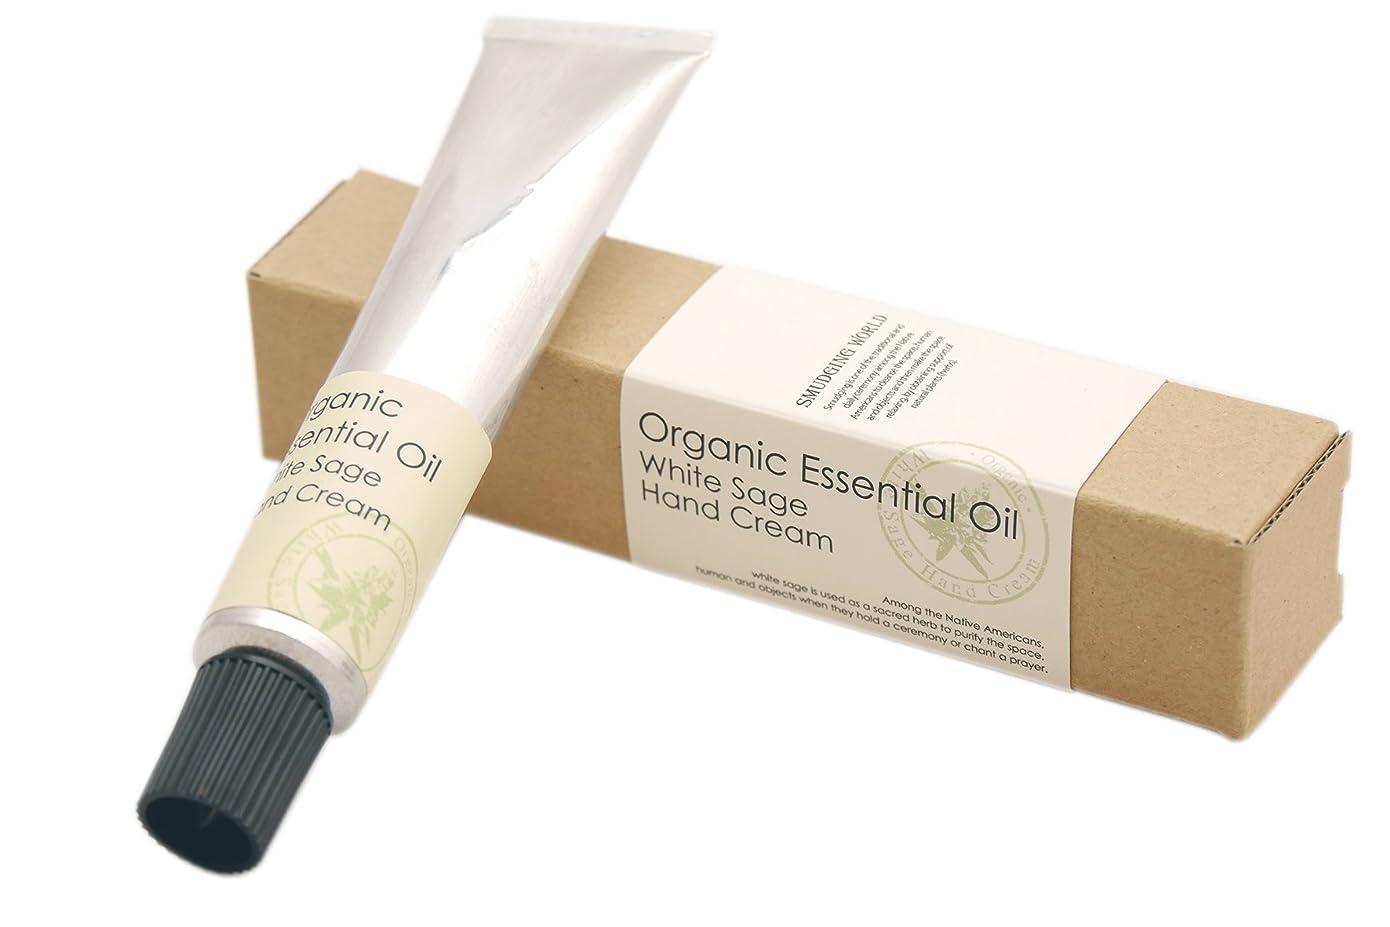 むさぼり食う省略発見するアロマレコルト ハンドクリーム ホワイトセージ 【White Sage】 オーガニック エッセンシャルオイル organic essential oil hand cream arome recolte